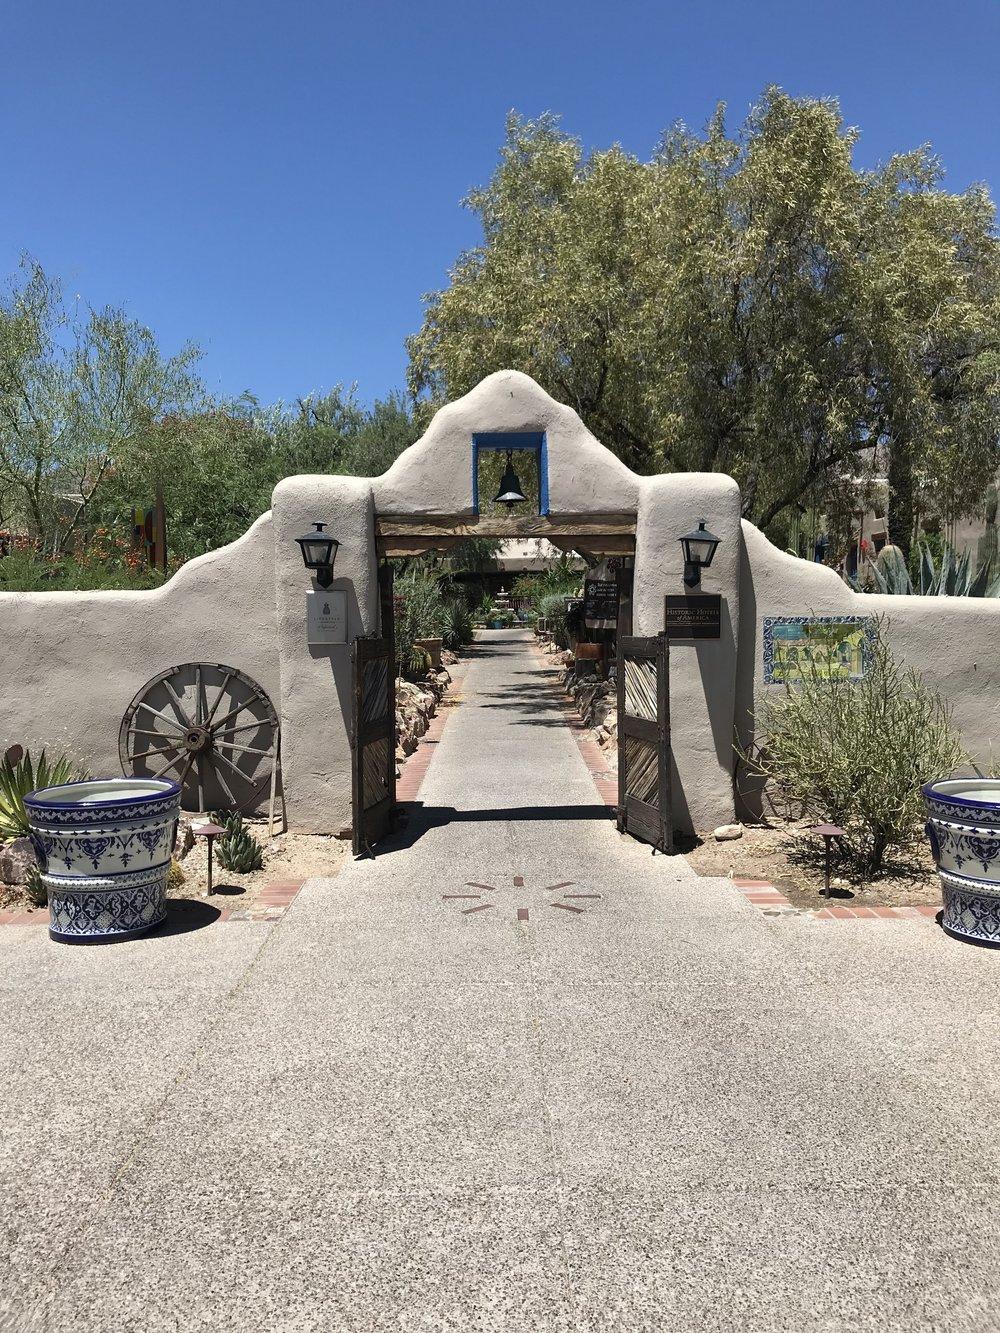 The entrance of Hacienda Del Sol Guest Ranch Resort